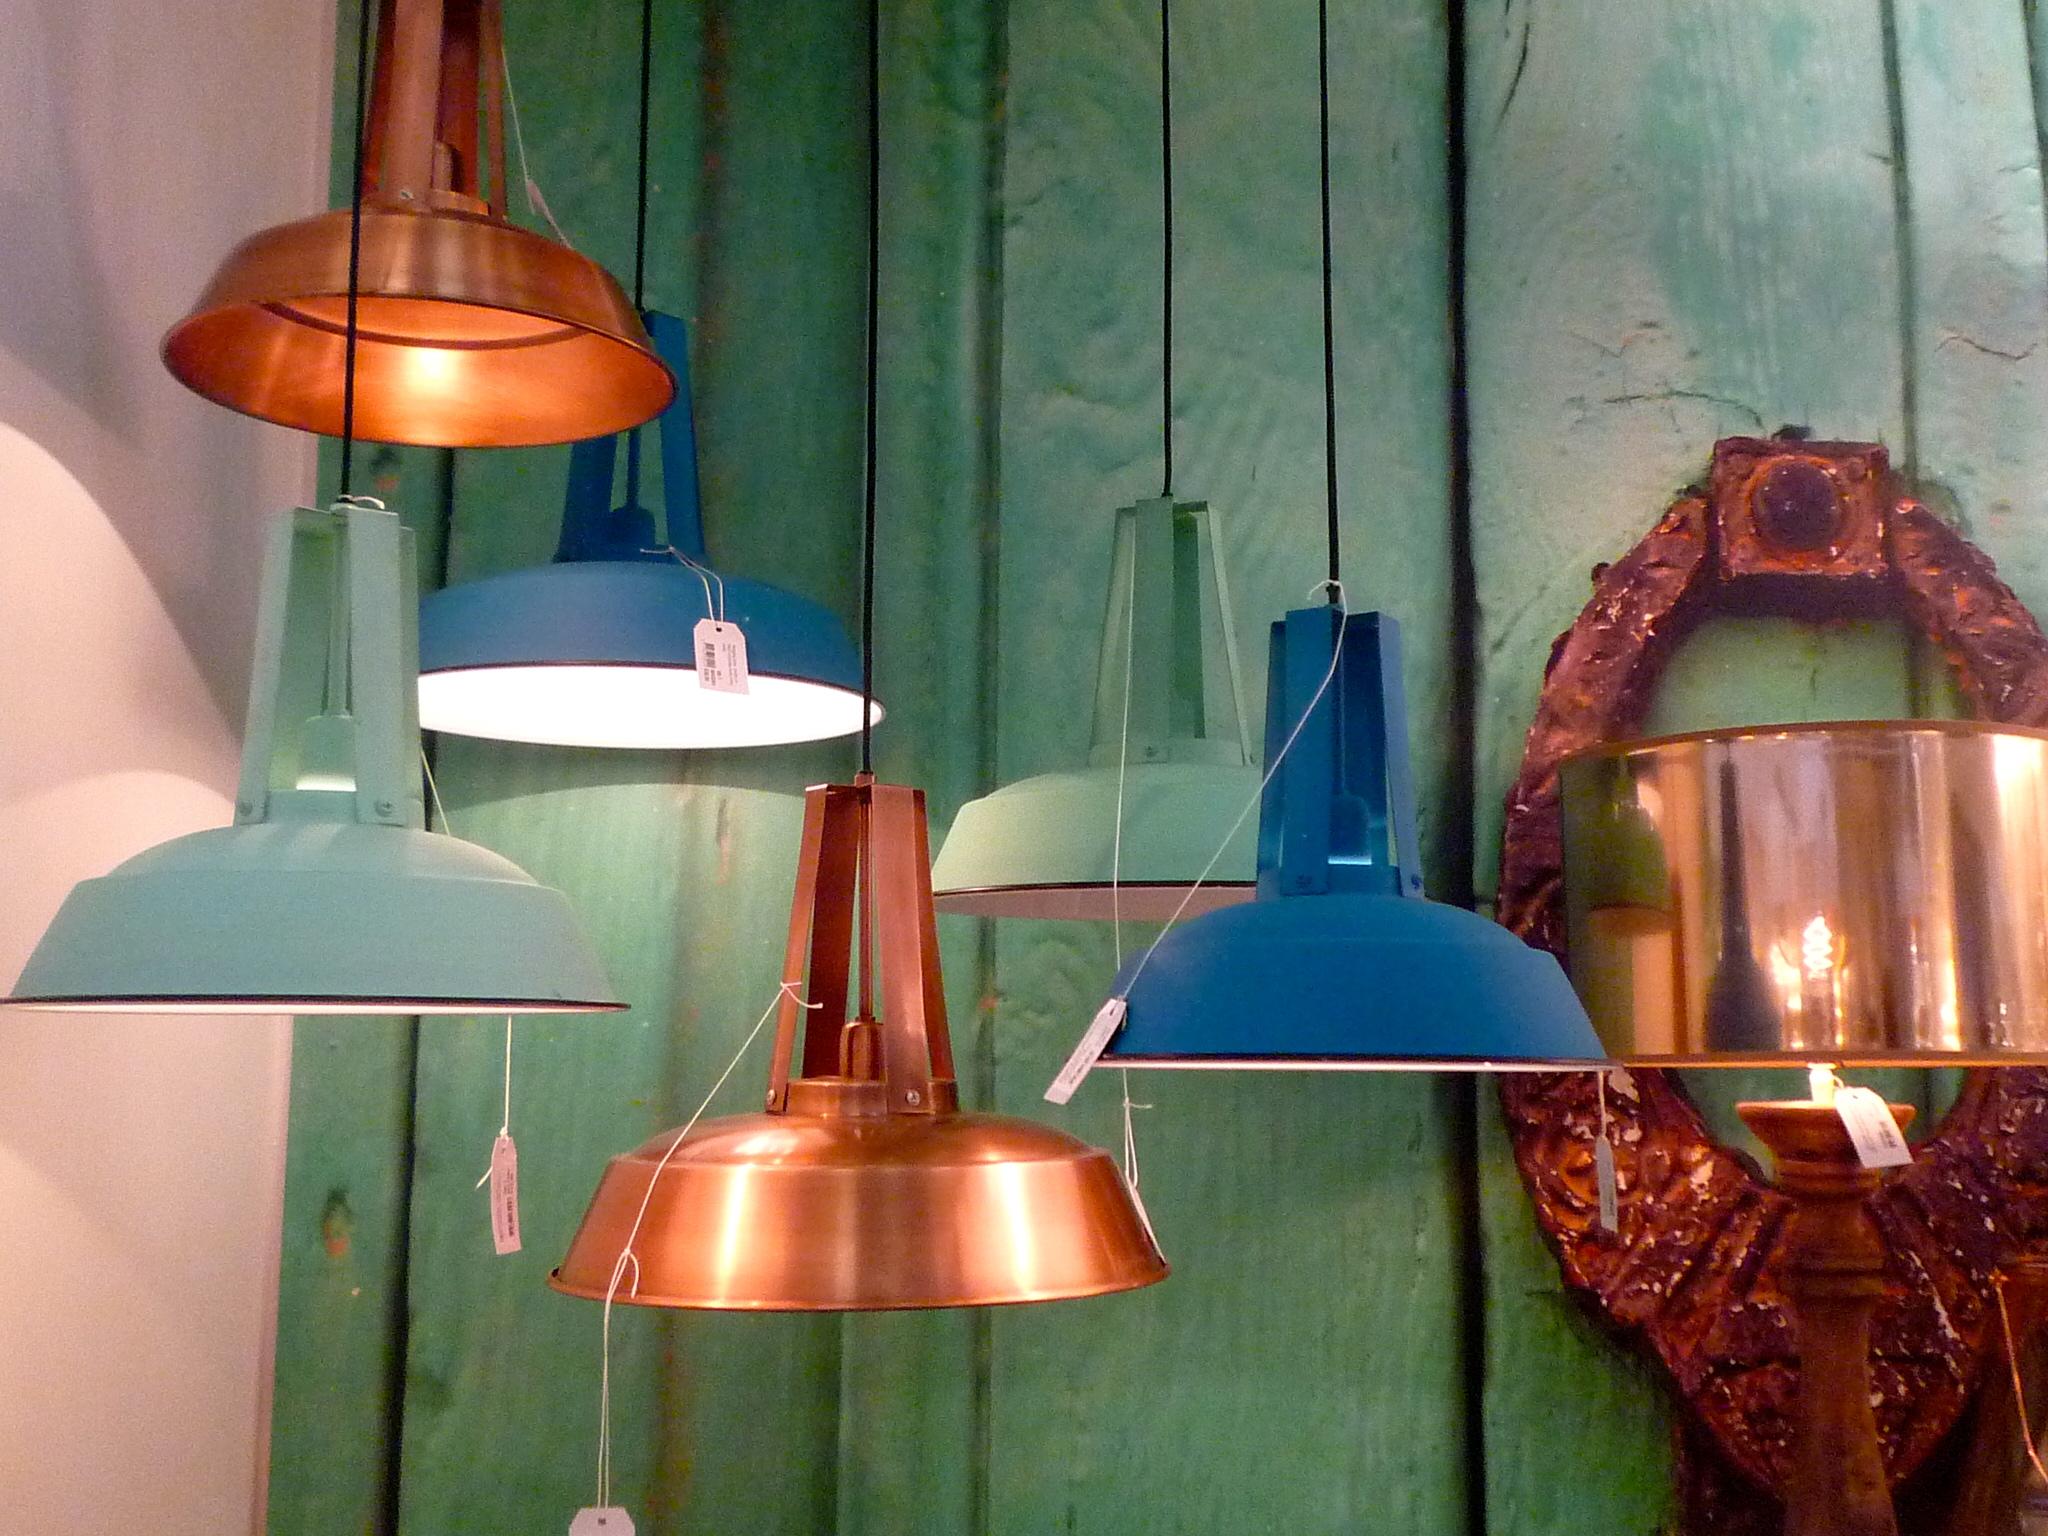 Maison et objets 2015 laurence joncour d coration d for Objet de decoration interieur maison